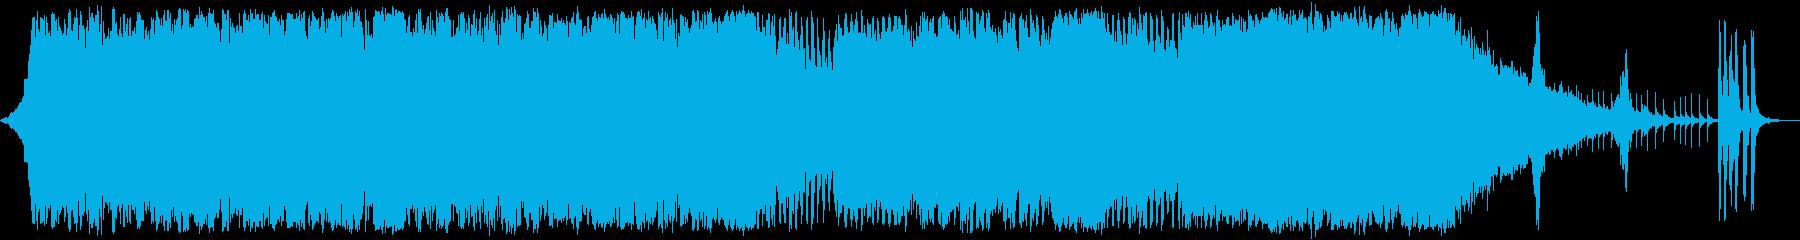 大海原へ羽ばたく希望の疾走オーケストラaの再生済みの波形